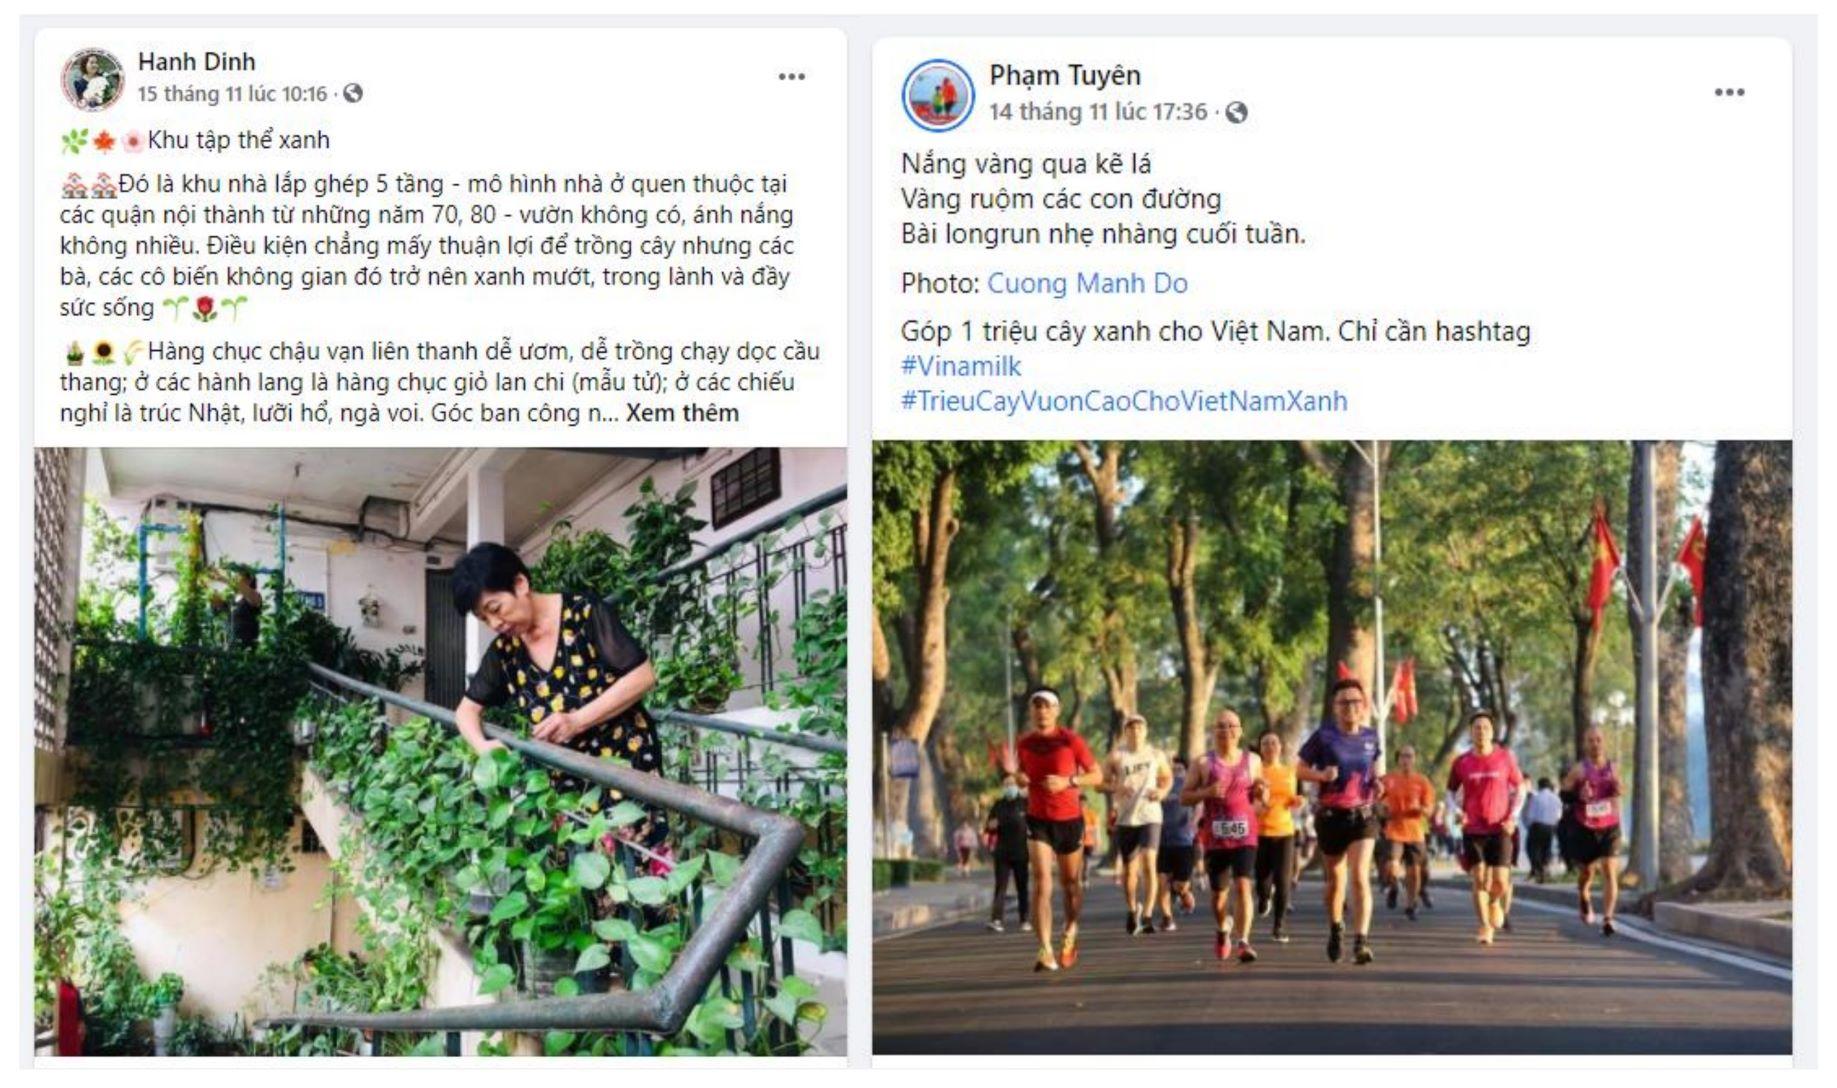 """Chiến dịch """"xanh"""" của cộng đồng khép lại, hành trình trồng cán mốc triệu cây xanh cho Việt Nam bắt đầu 1"""